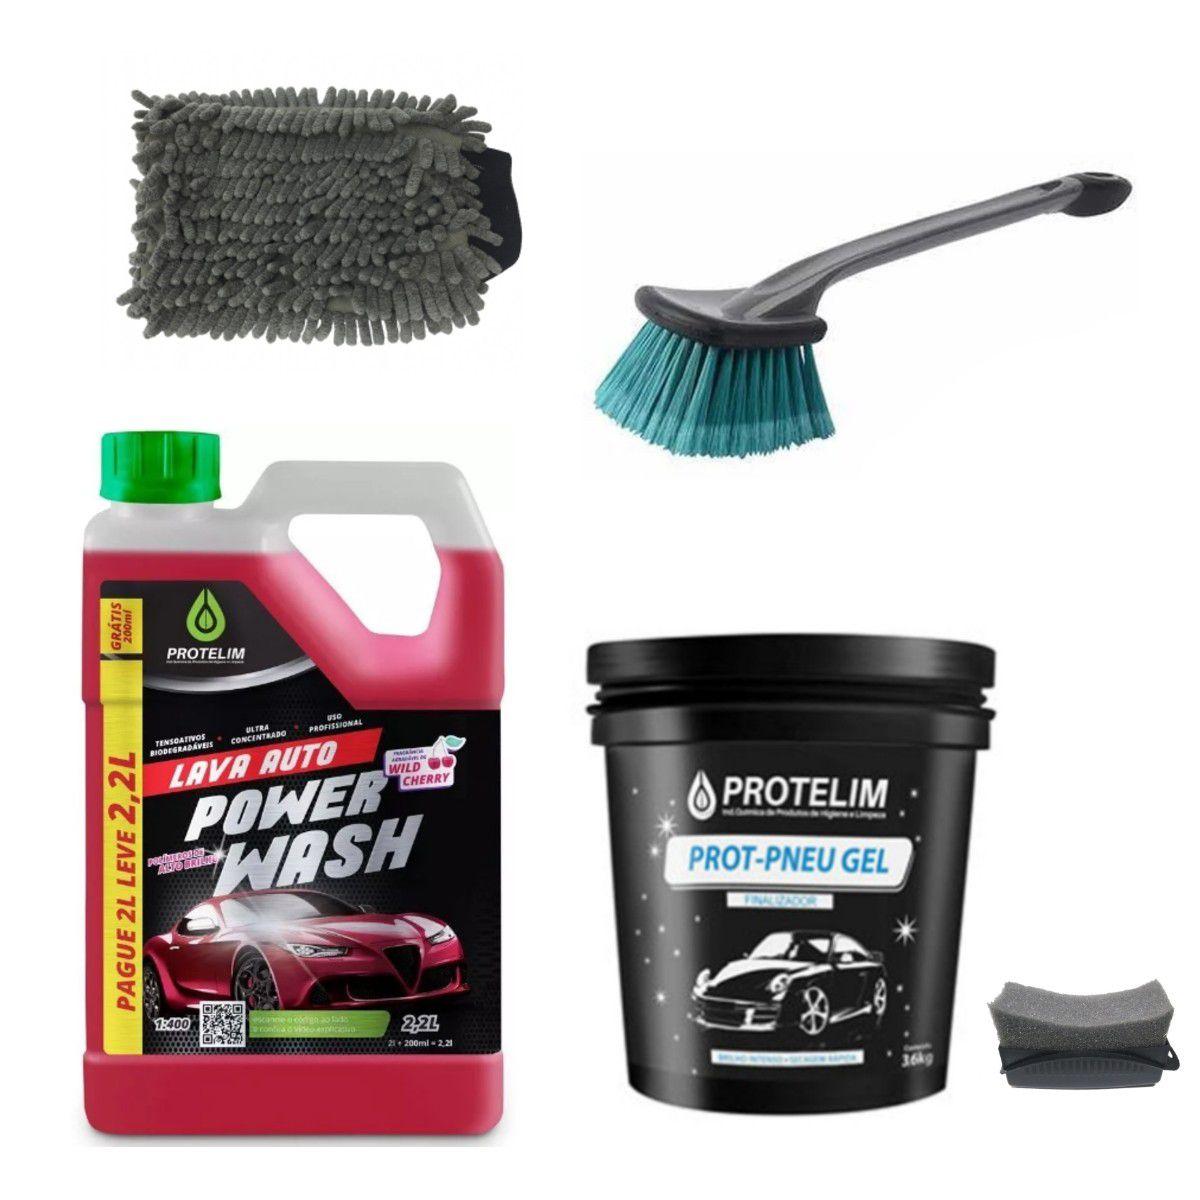 Shampoo Power Wash + Pneu Gel c/ aplicador + Escova e Luva